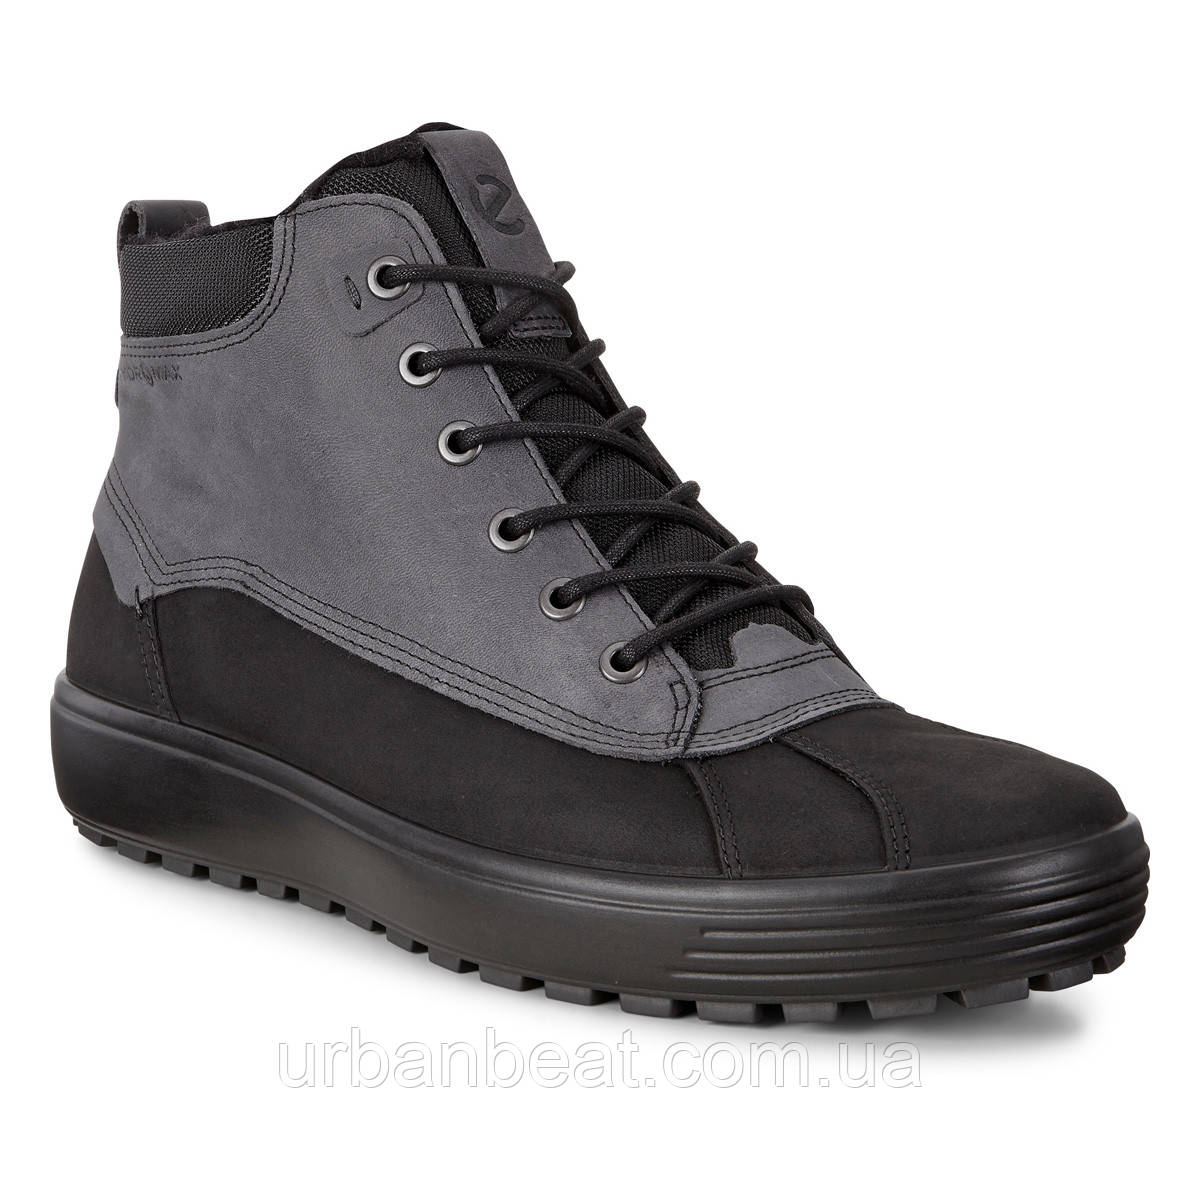 Мужские ботинки Ecco Soft 7 Tred Hydromax 450124-51052 ОРИГИНАЛ , фото 1